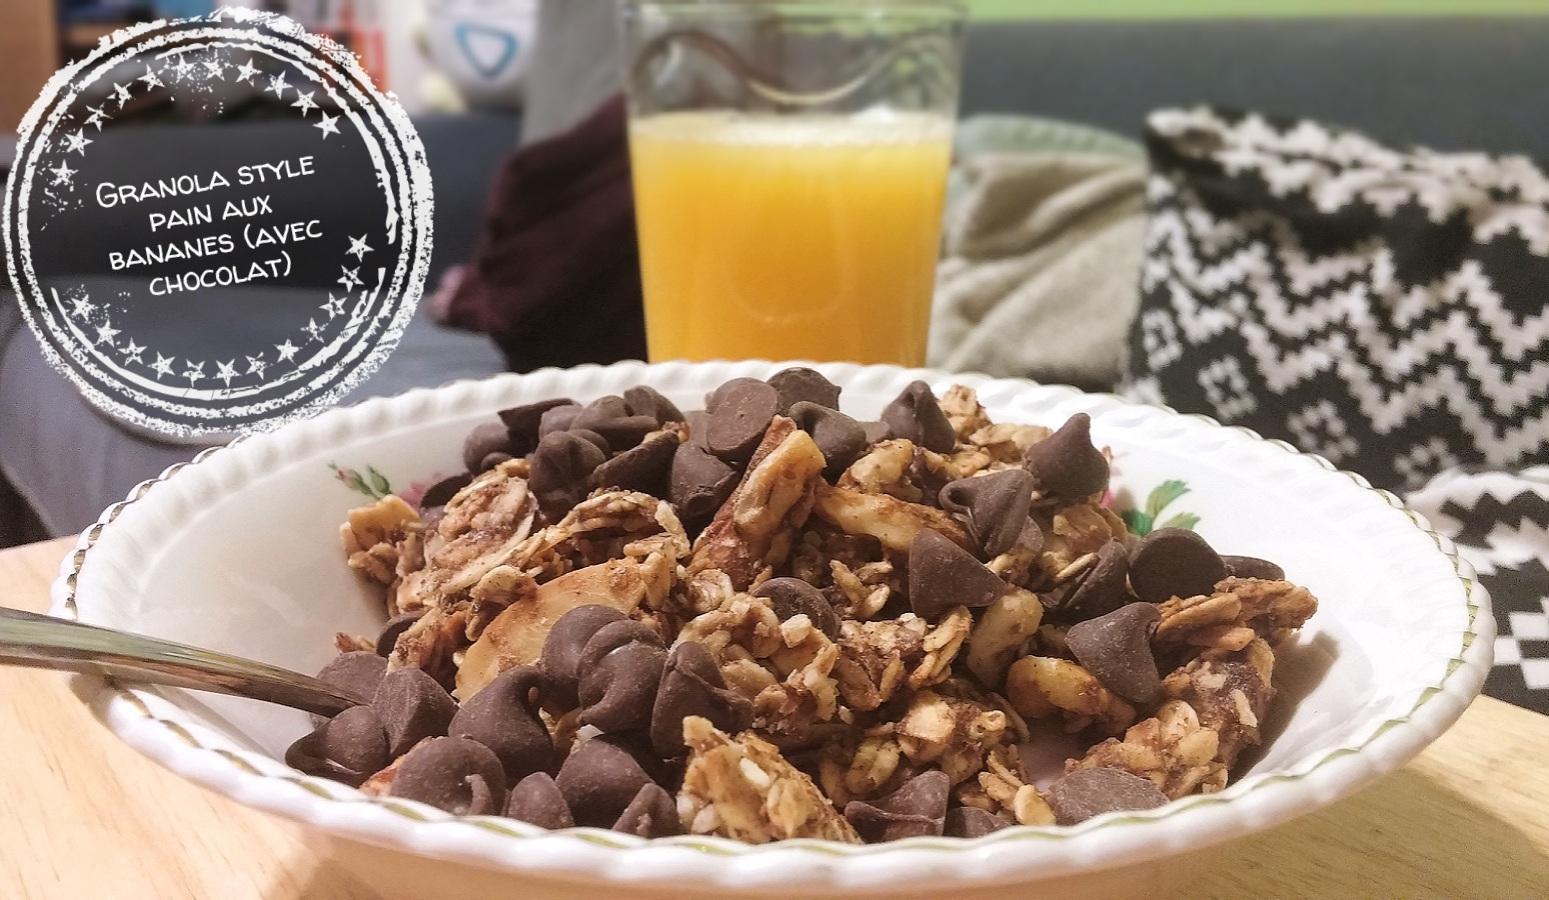 Granola style pain aux bananes (avec chocolat) - Auboutdelalangue.com